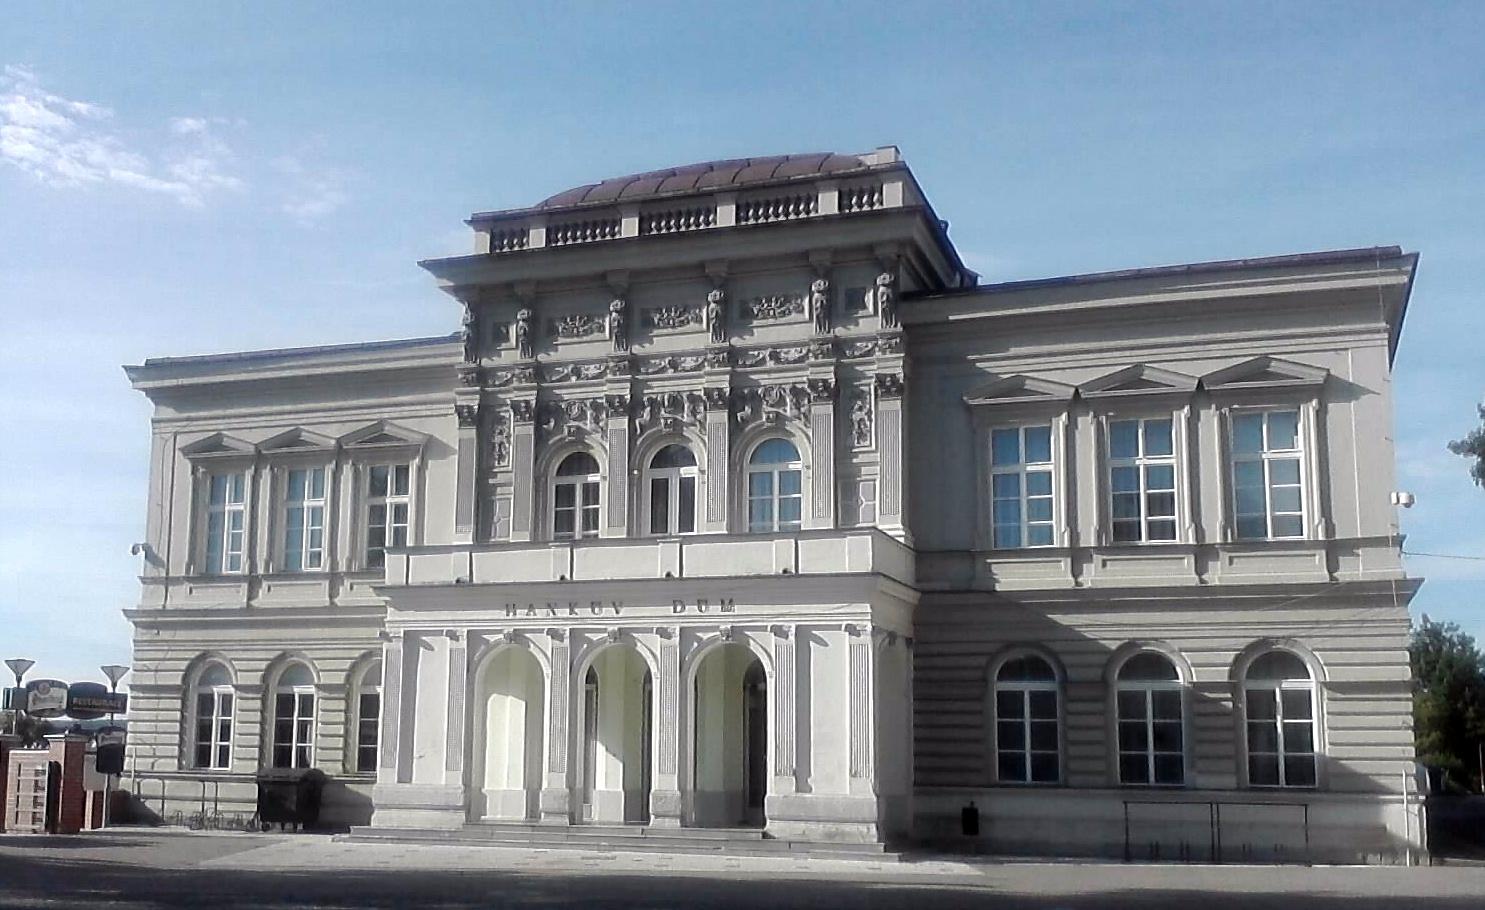 Hankův dům, Dvůr Králové nad Labem (CZ)